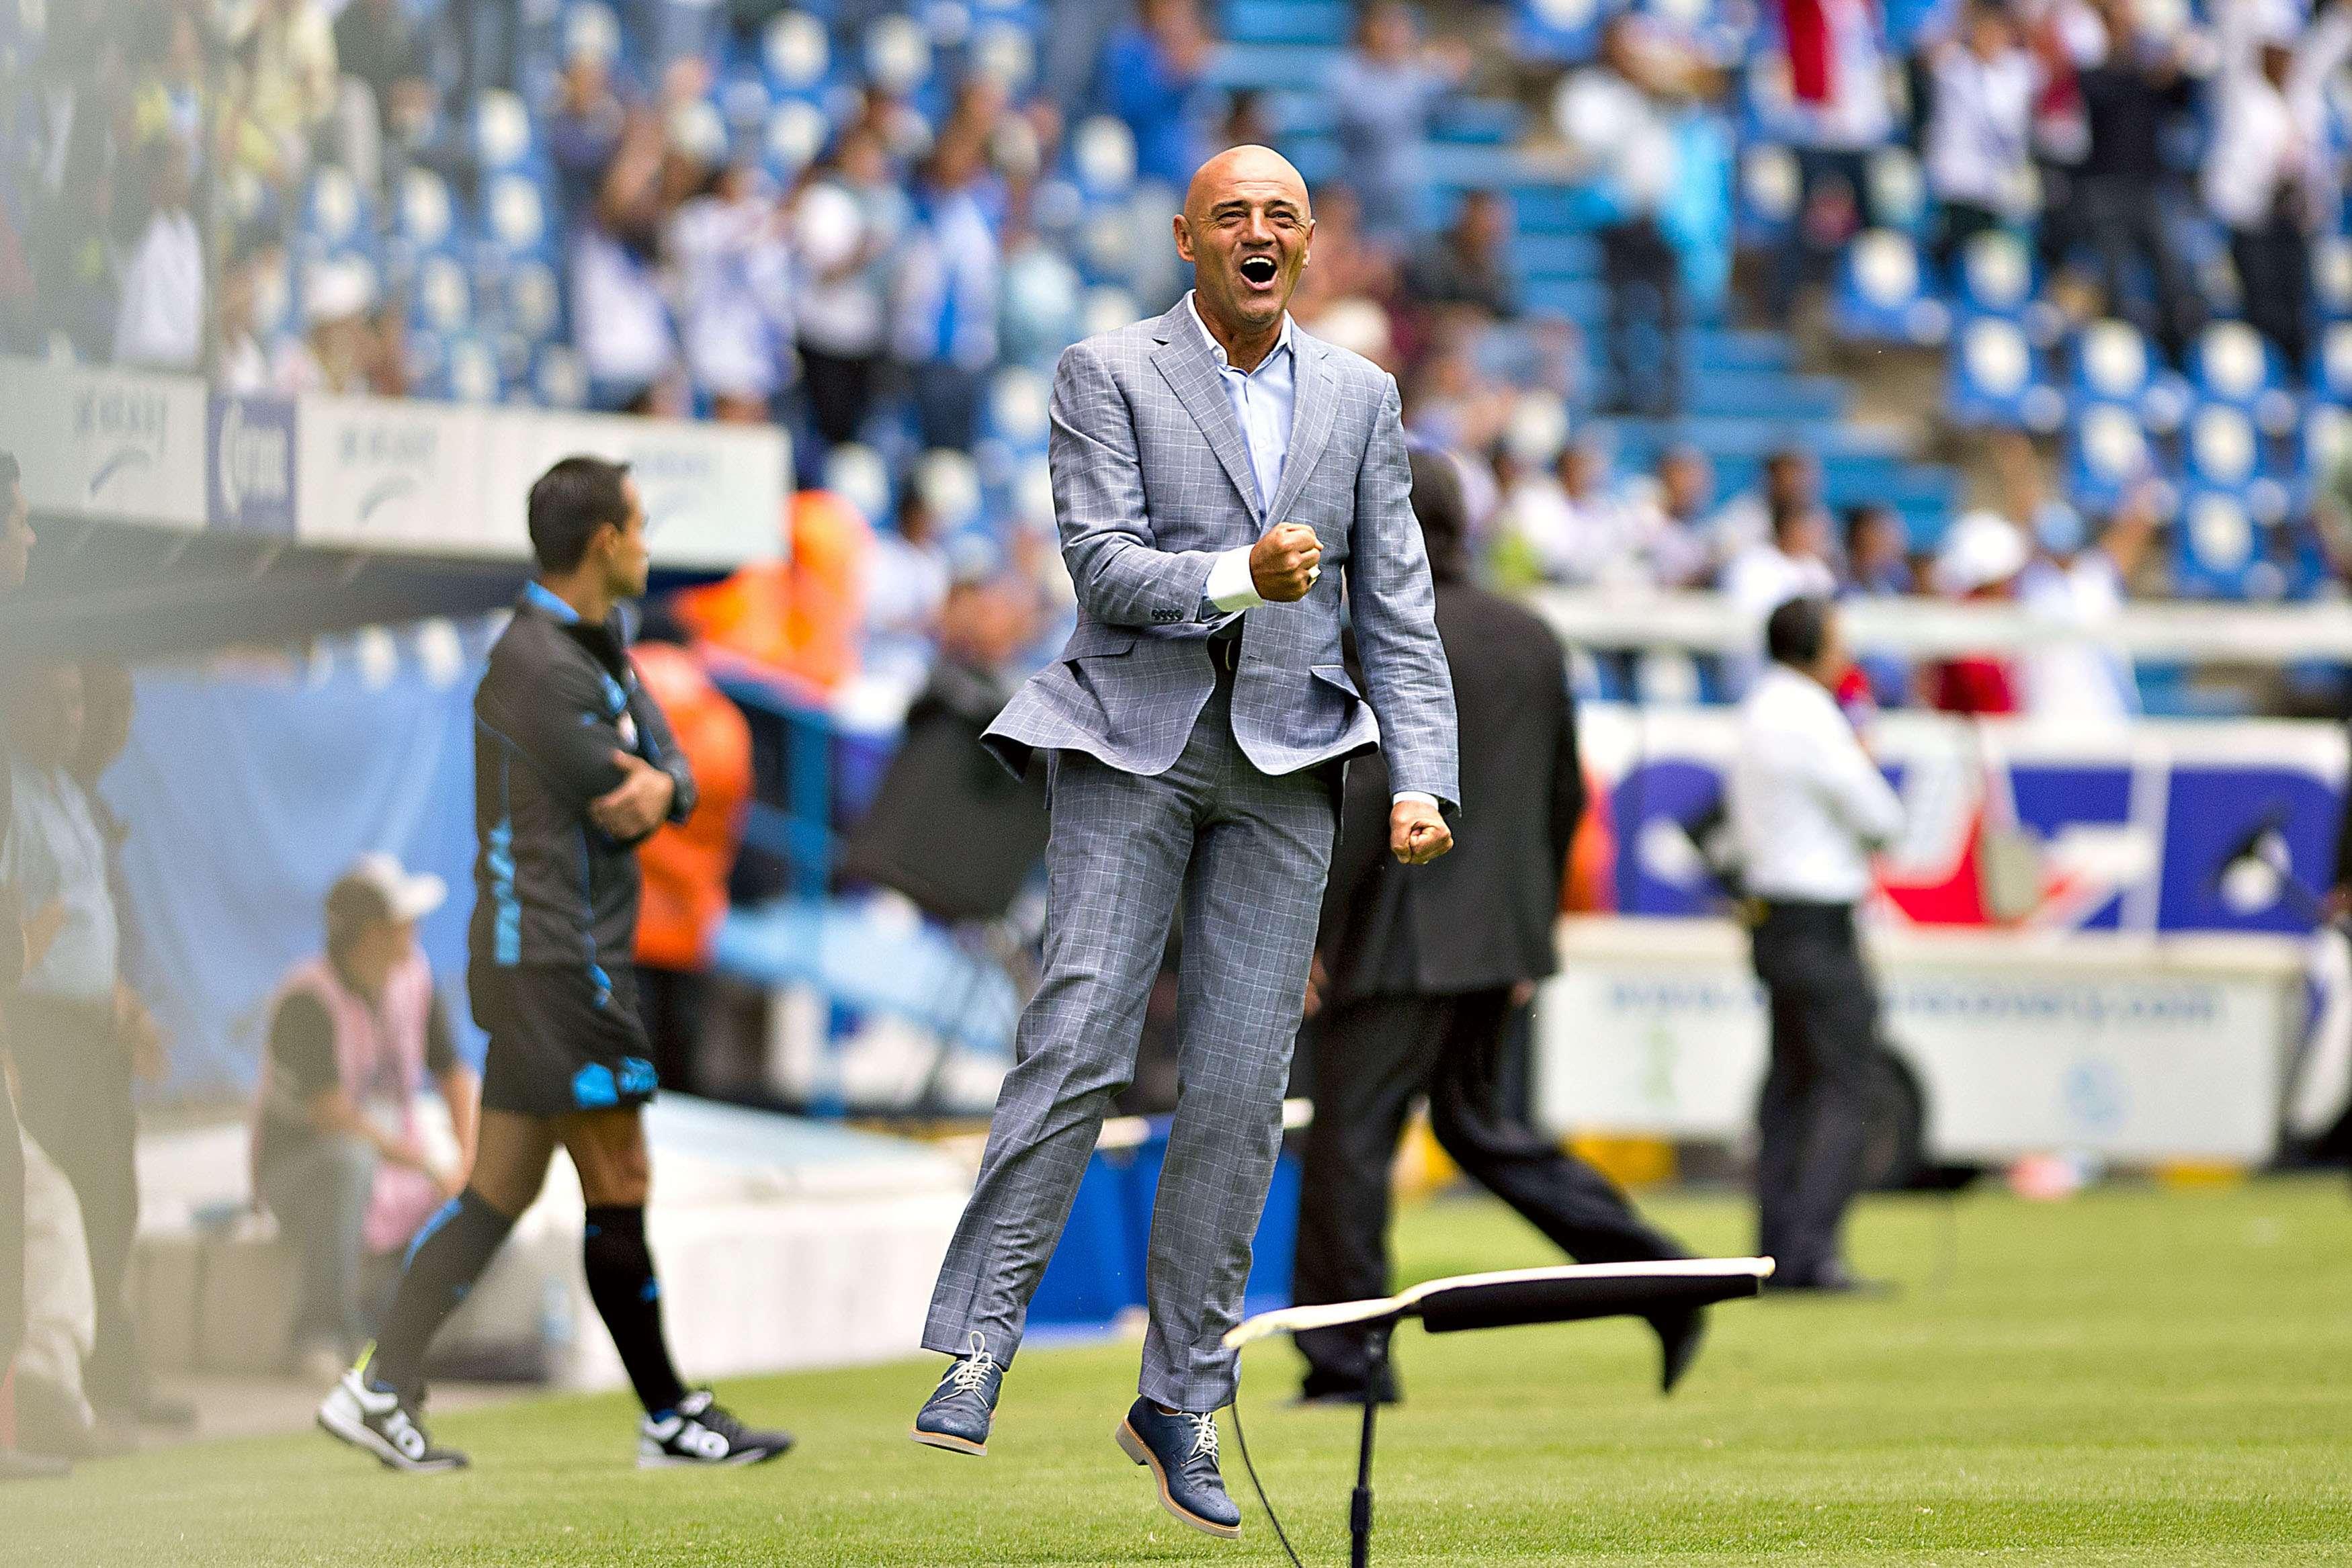 Sánchez Solá regresó al Puebla para salvarlo del descenso. Foto: Mexsport